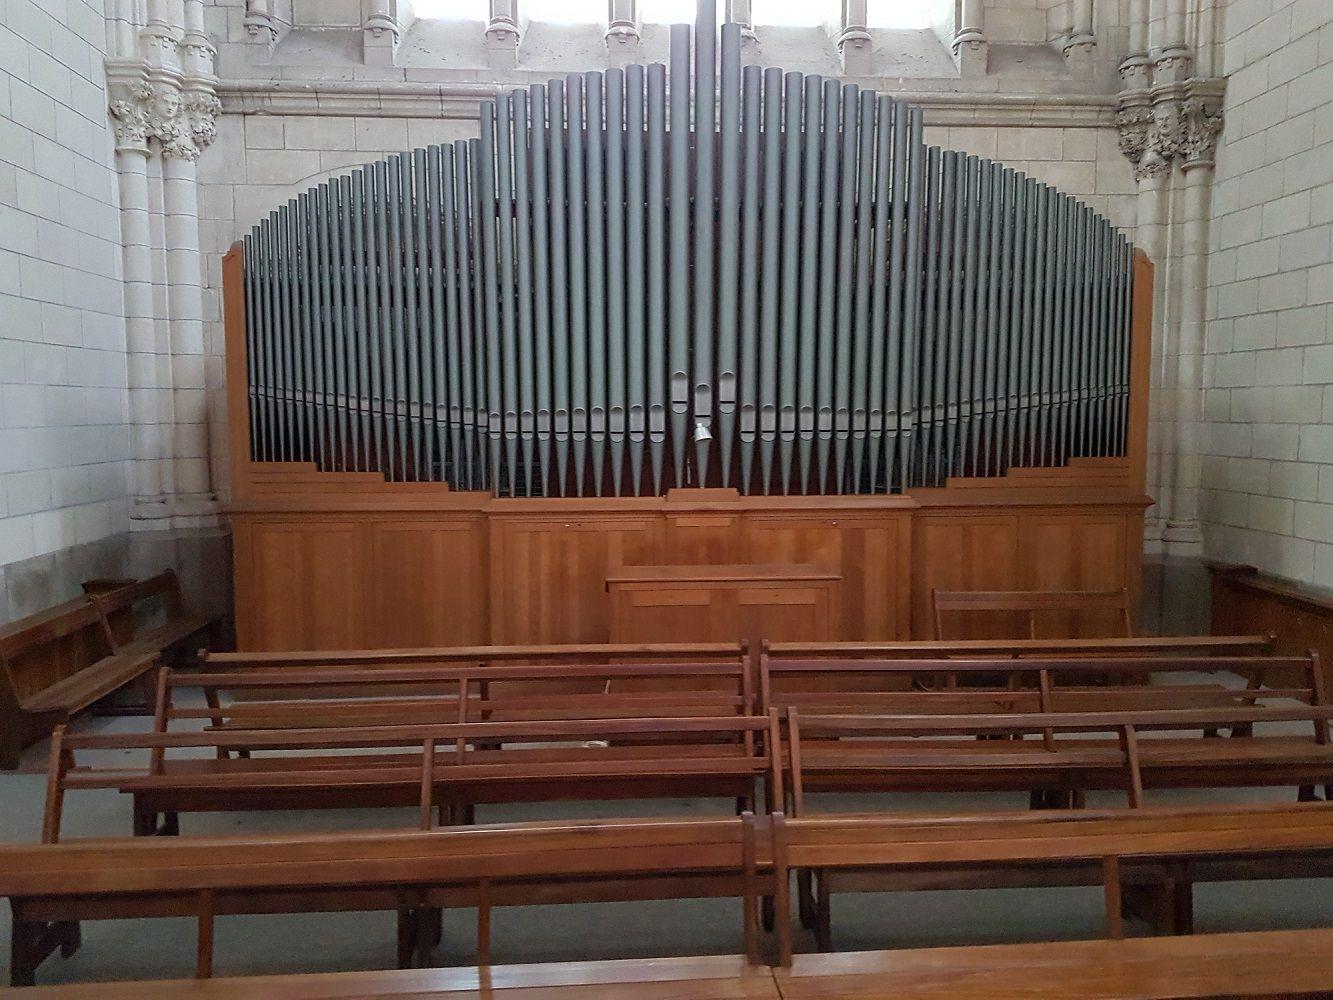 Orgue de l'église de Saint-Nazaire